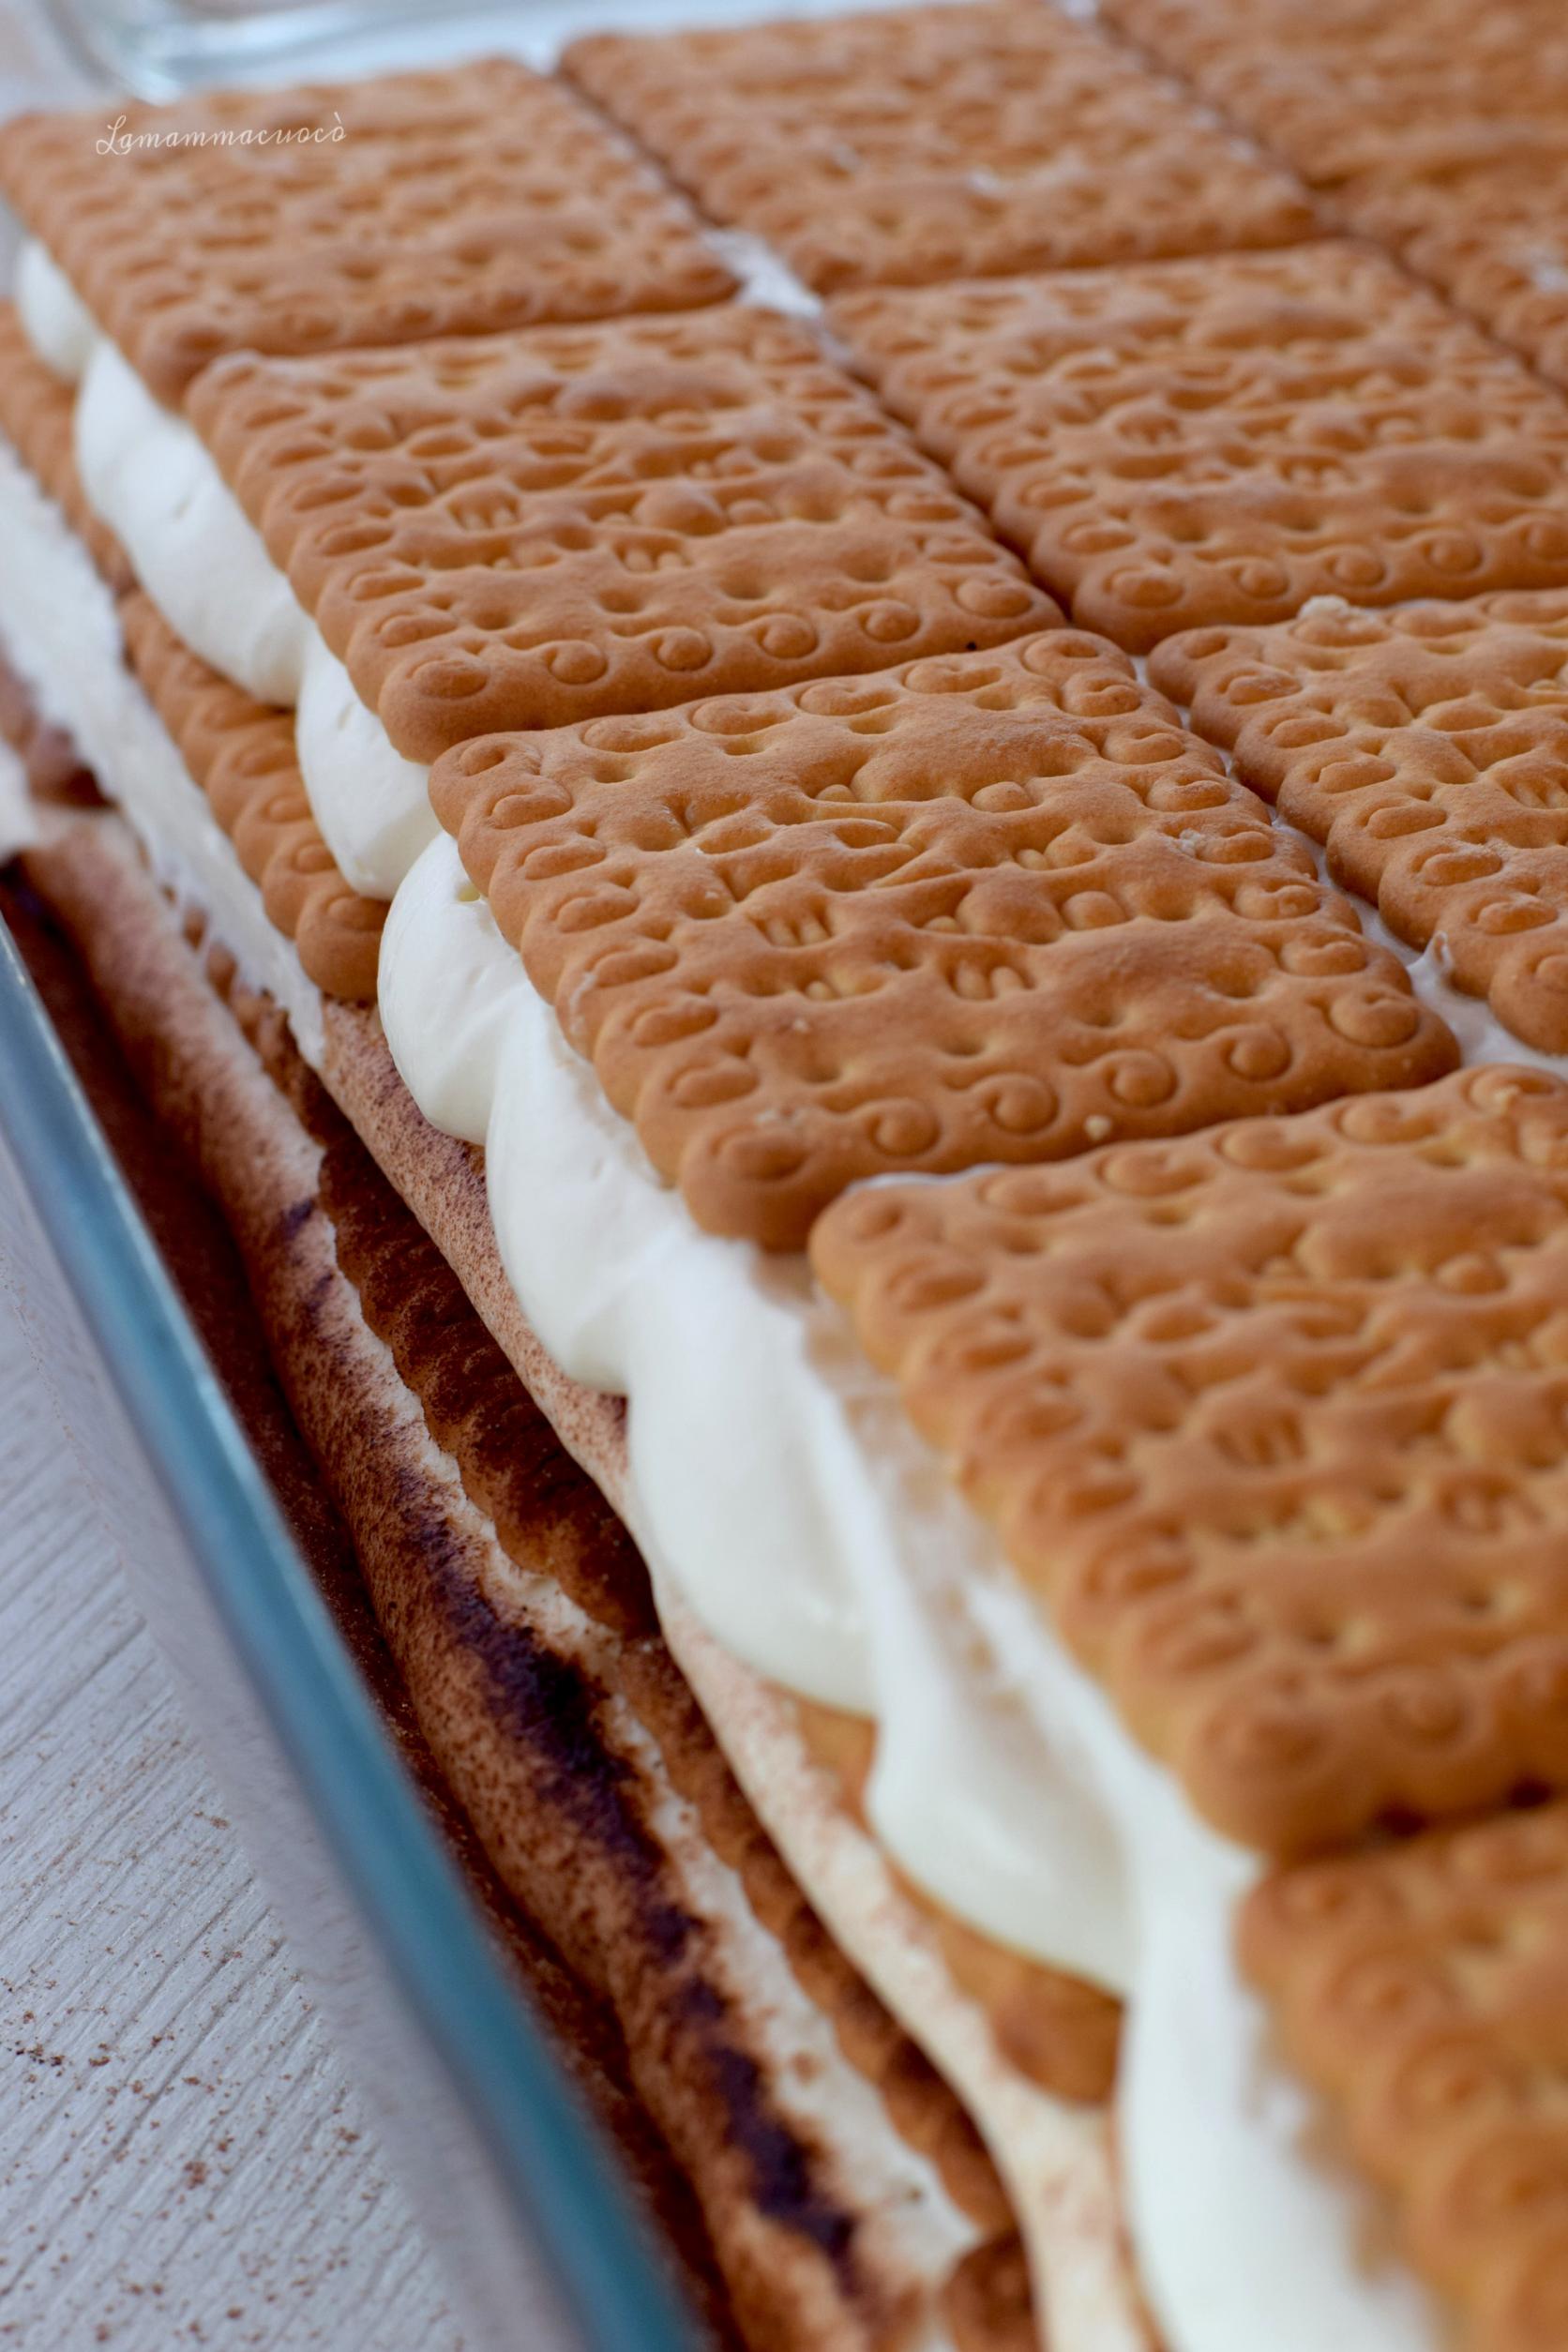 ricetta completa per torta di gallette con crema diplomatica senza uova